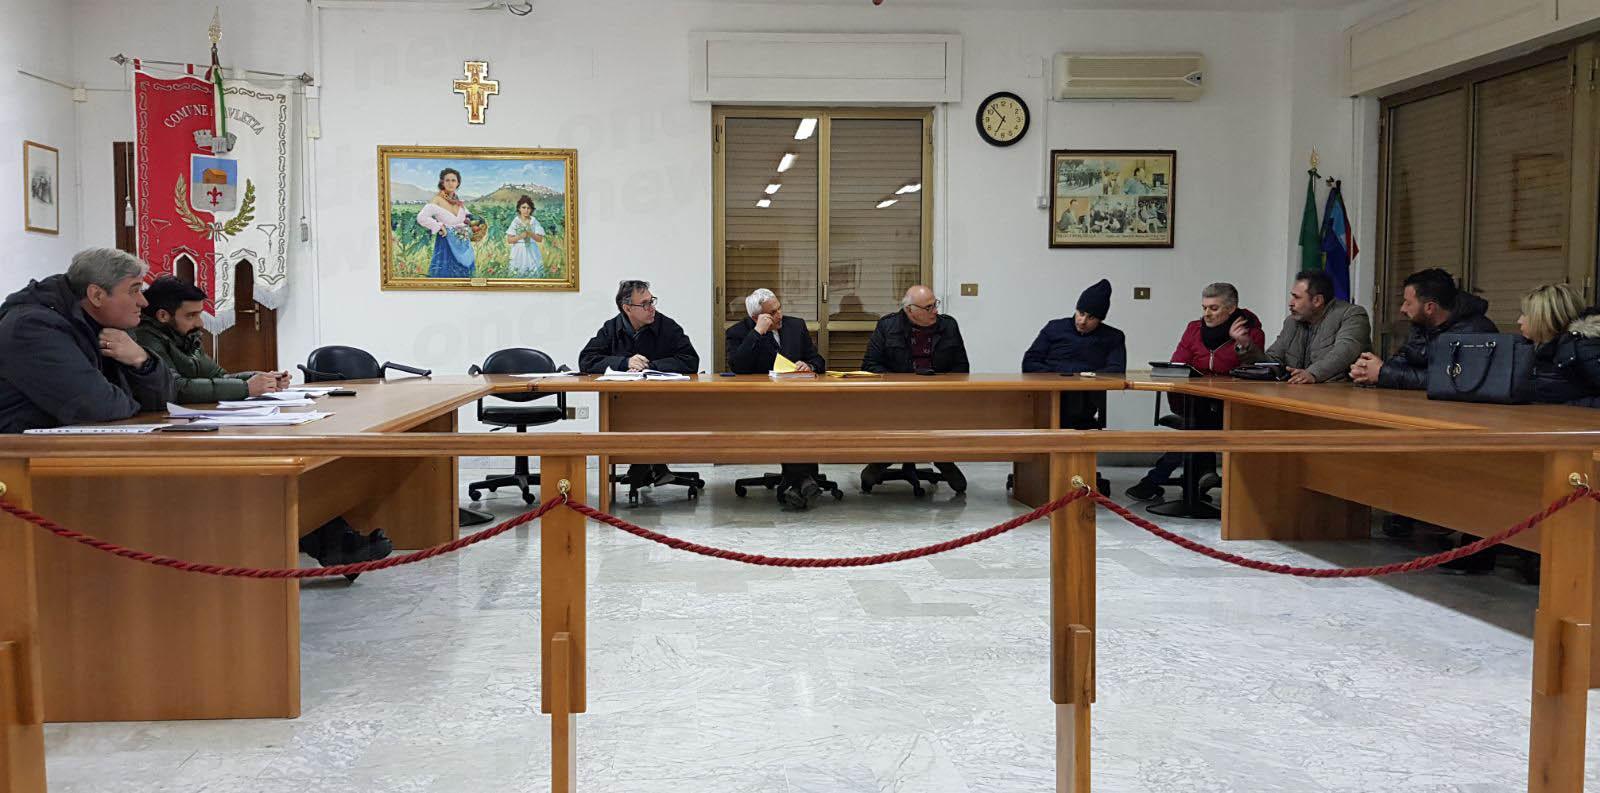 Consiglio comunale Auletta 27-03-18